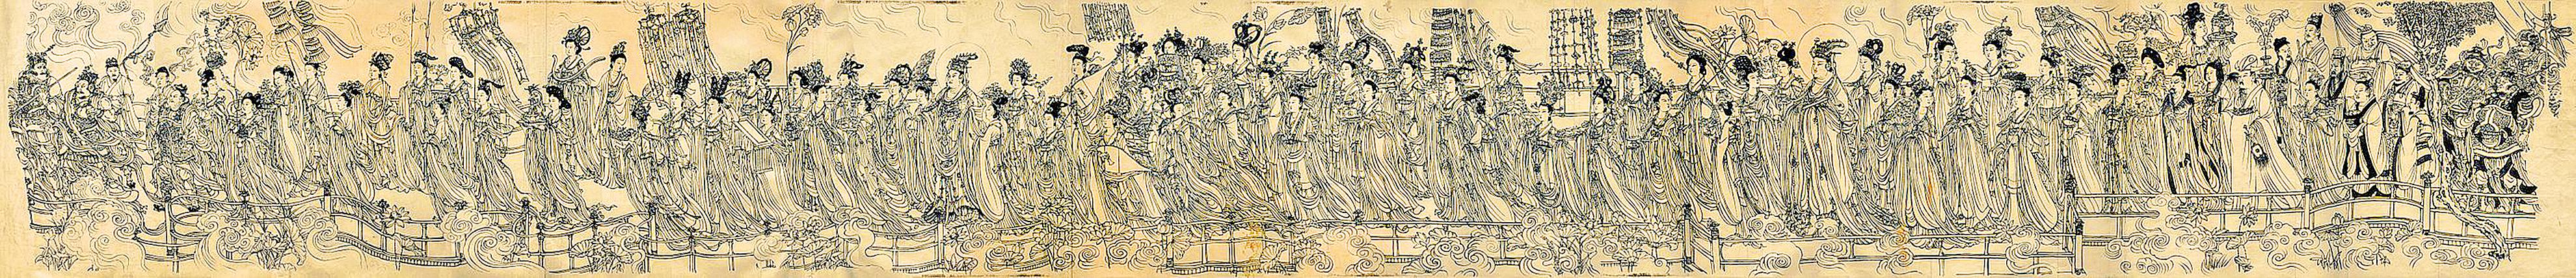 八十七神仙卷是一幅絹本水墨白描人物手卷,現藏於在徐悲鴻紀念館。原畫無署名無款識(維基百科公共領域)